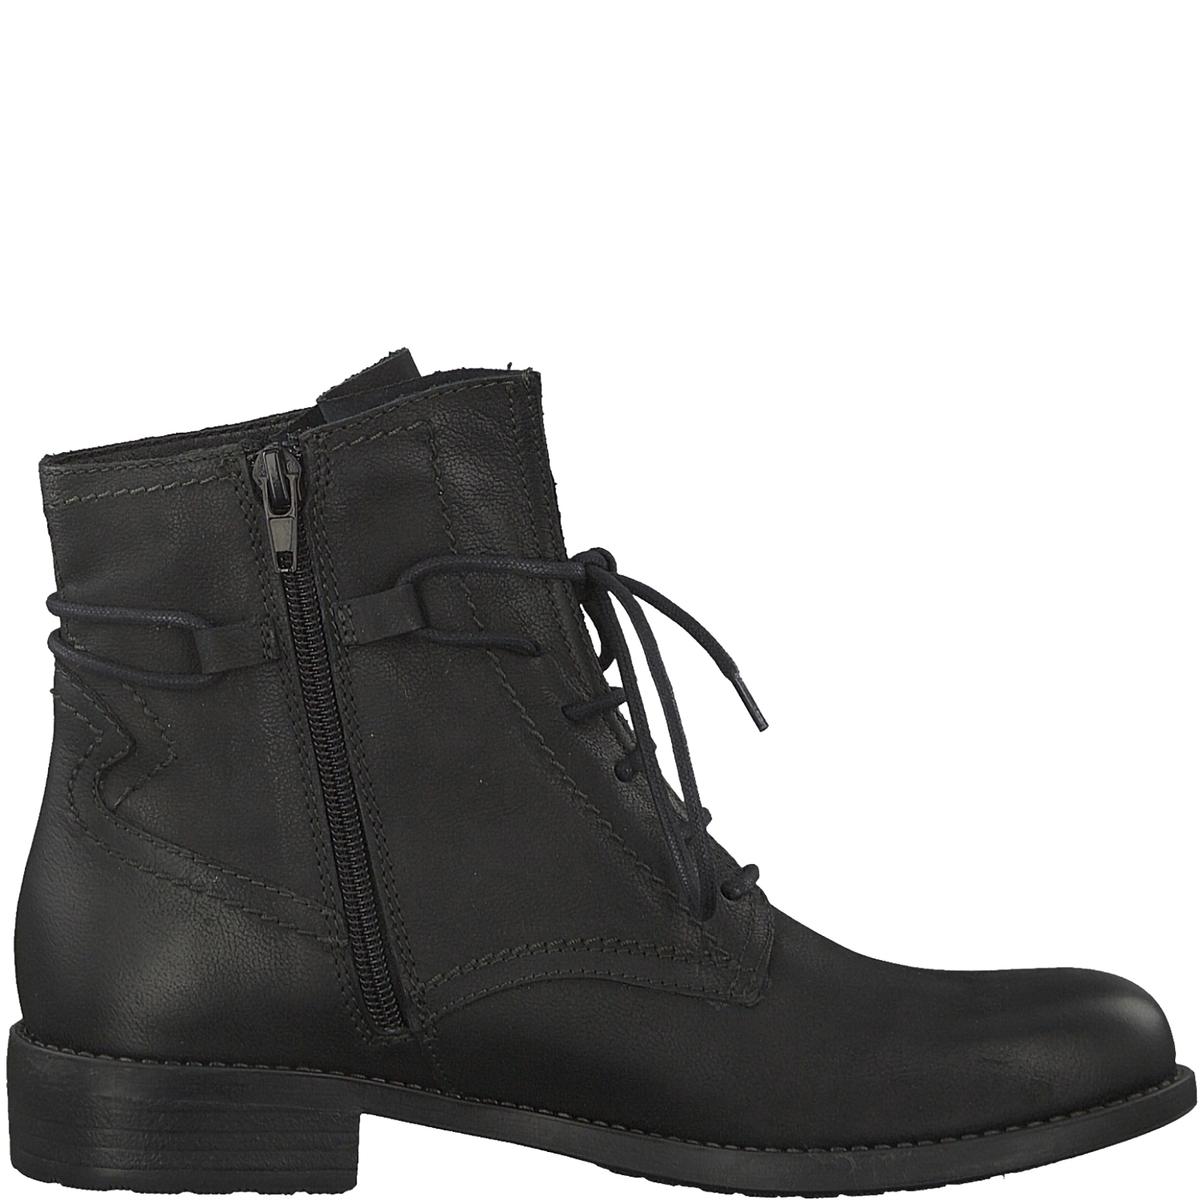 Ботинки кожаные TainaДетали •  Высота голенища : 14 см, размер 37 •  Высота каблука : 3 см •  Застежка : на молнию •  Круглый мысокСостав и уход •  Верх 100% кожа •  Подкладка 100% текстиль •  Стелька 50% синтетического материала, 50% текстиля<br><br>Цвет: серо-коричневый,черный